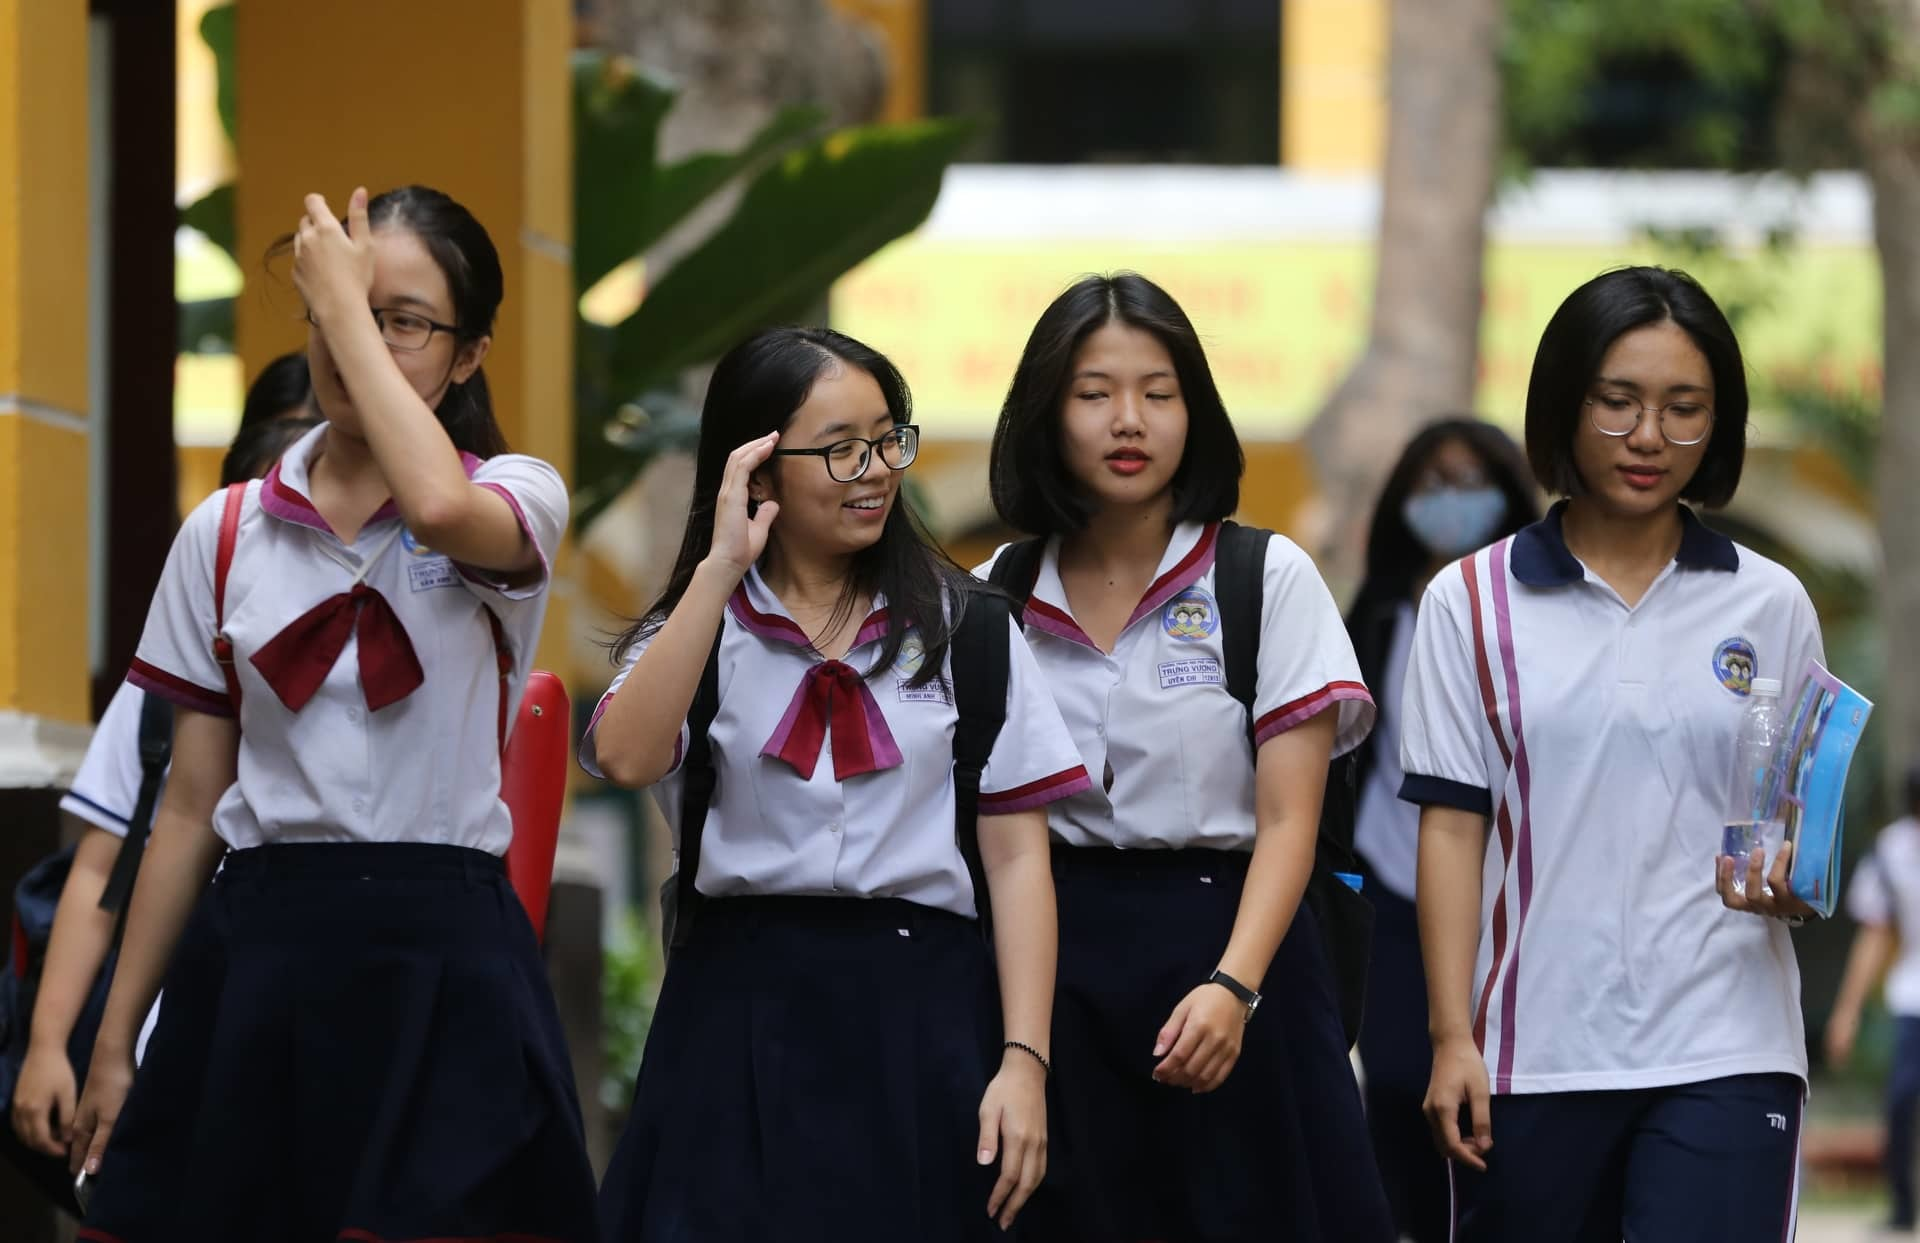 Bộ Giáo dục dự kiến công bố đáp án các môn trắc nghiệm hôm nay